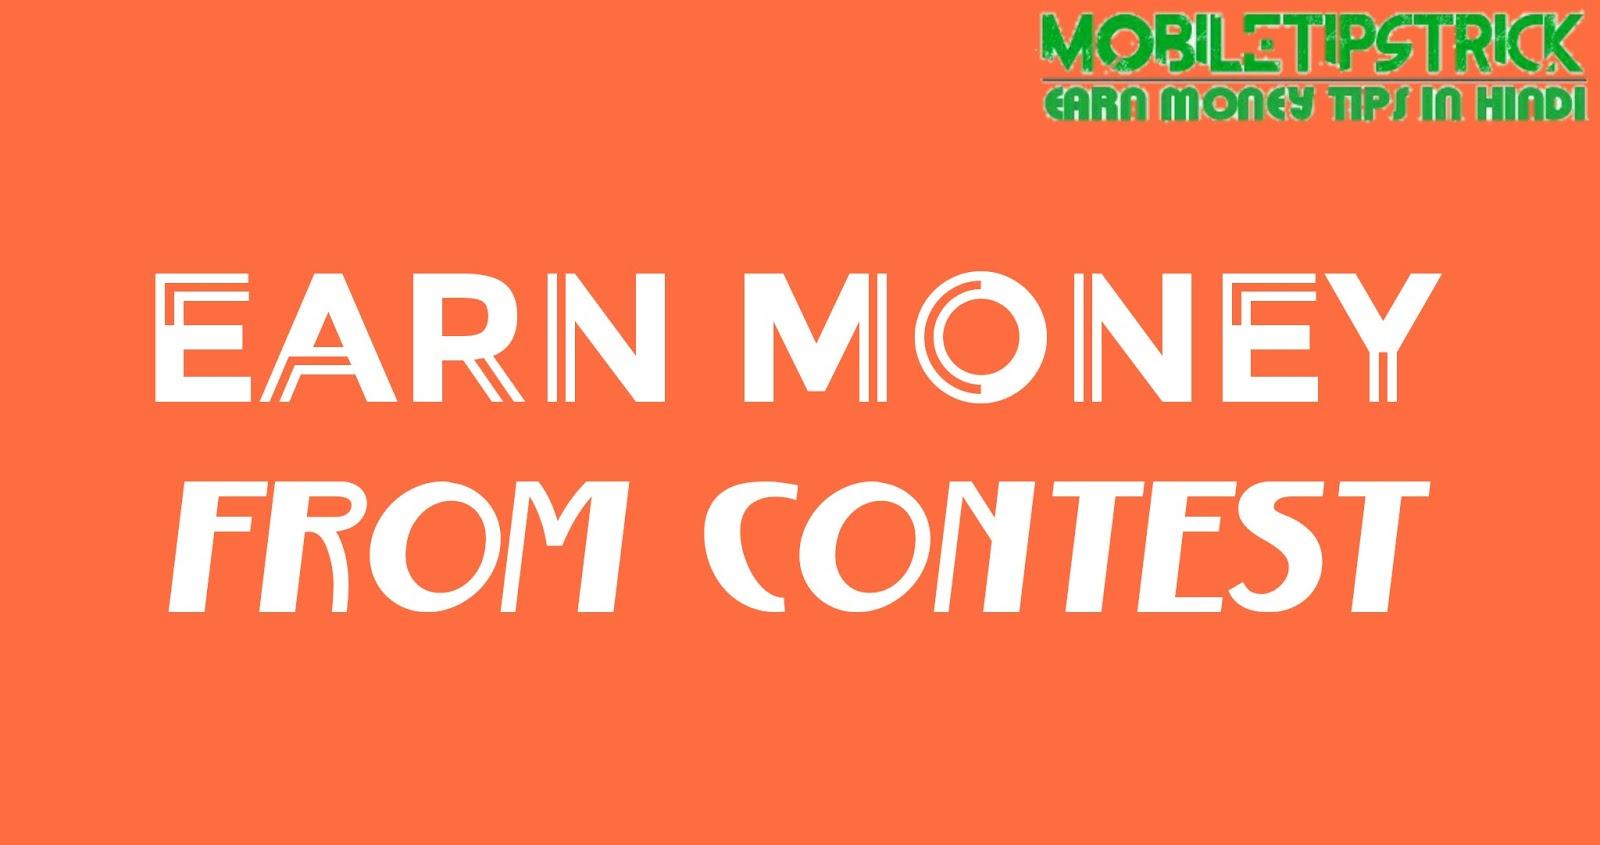 ऑनलाइन/ऑफलाइन कांटेस्ट में हिस्सा लेकर भी कमा सकते है,www.mobiletipstrick.in,contest,make-money,online,fred earn money,india